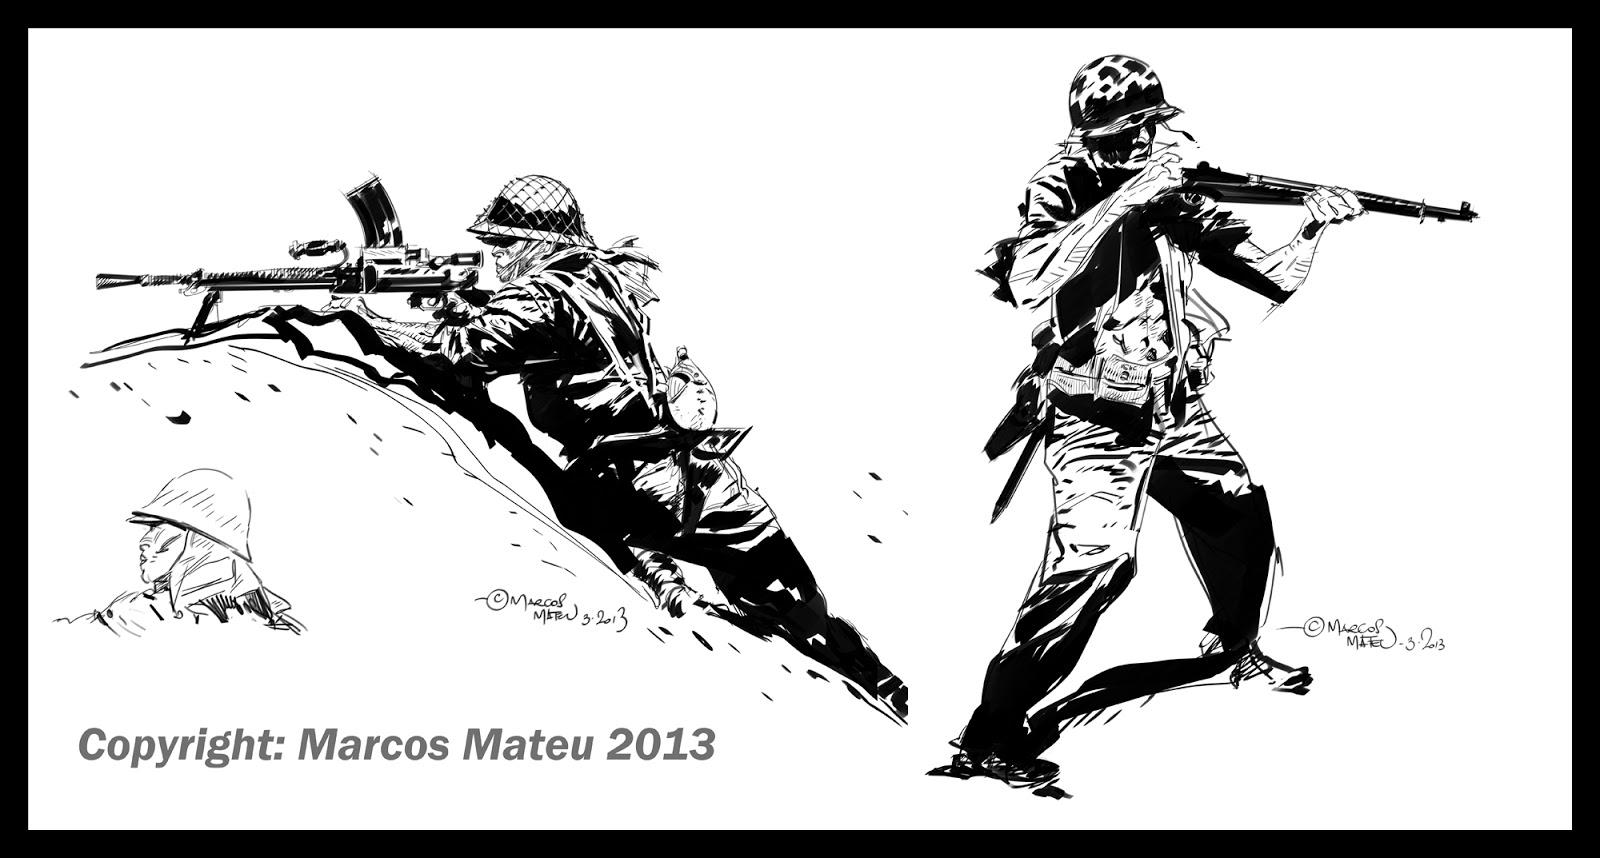 Marcos Mateu-Mestre: 2013